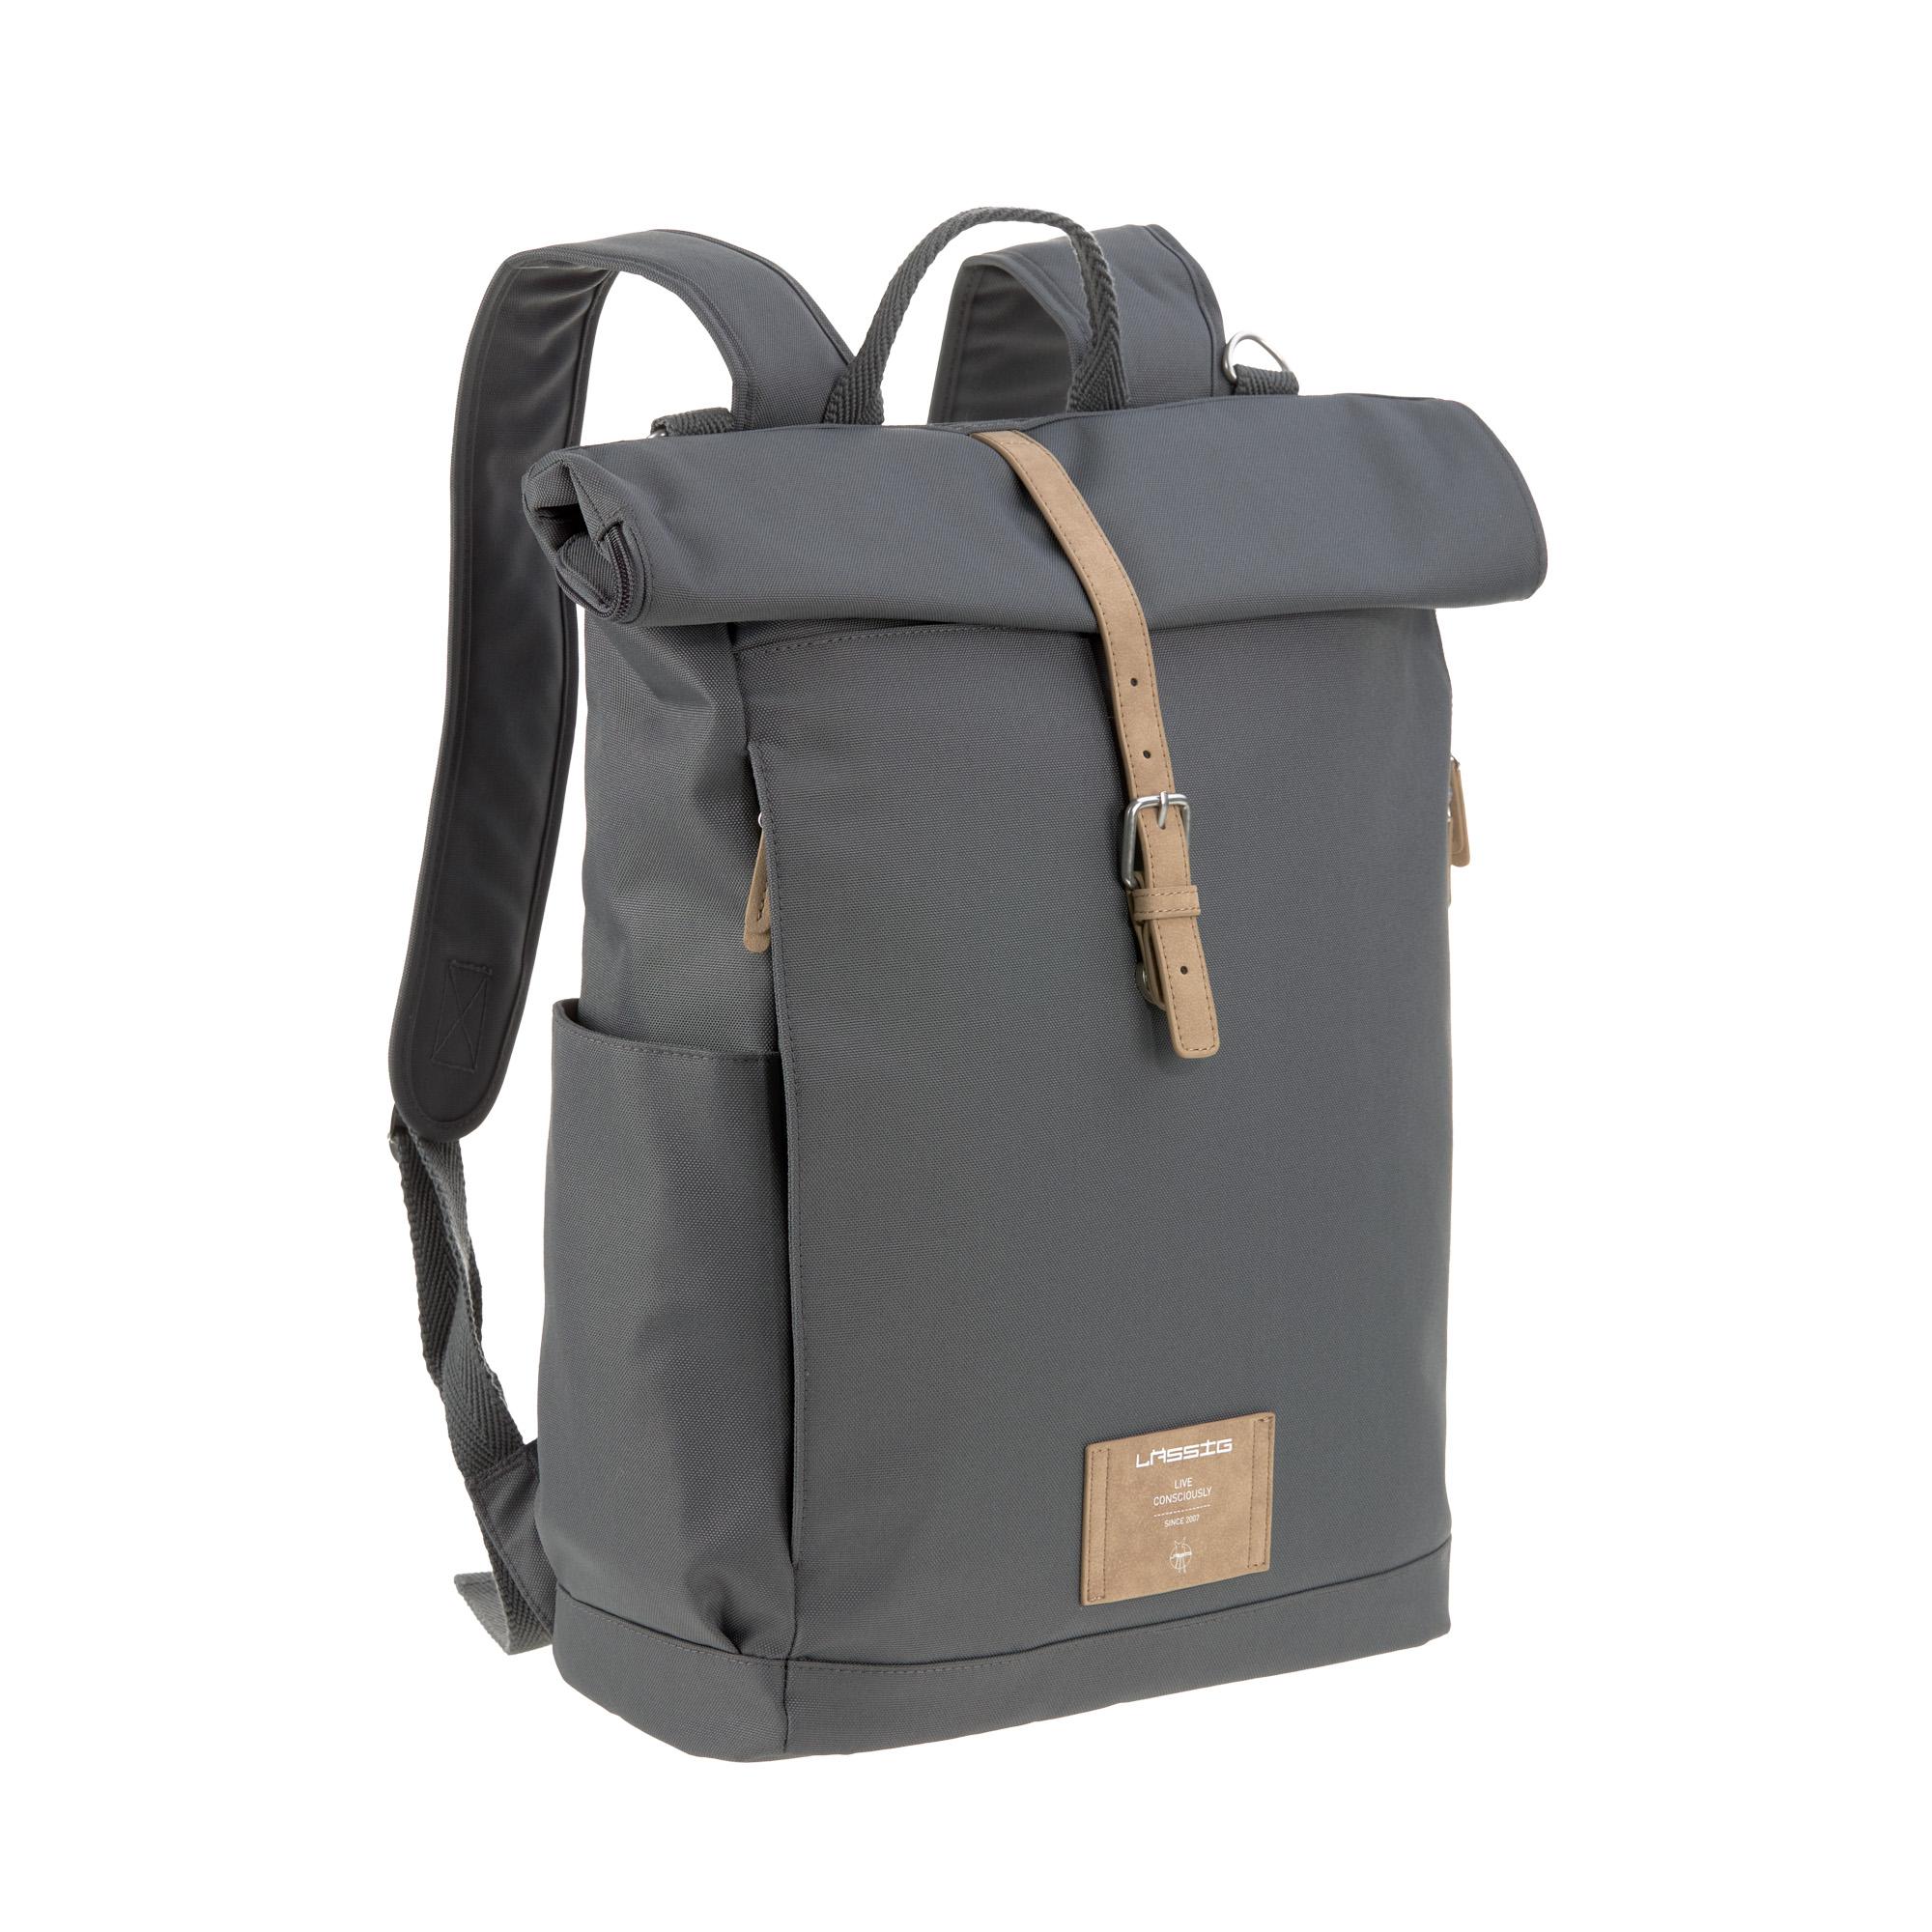 Wickelrucksack - Rolltop Backpack - Anthrazit - Lässig